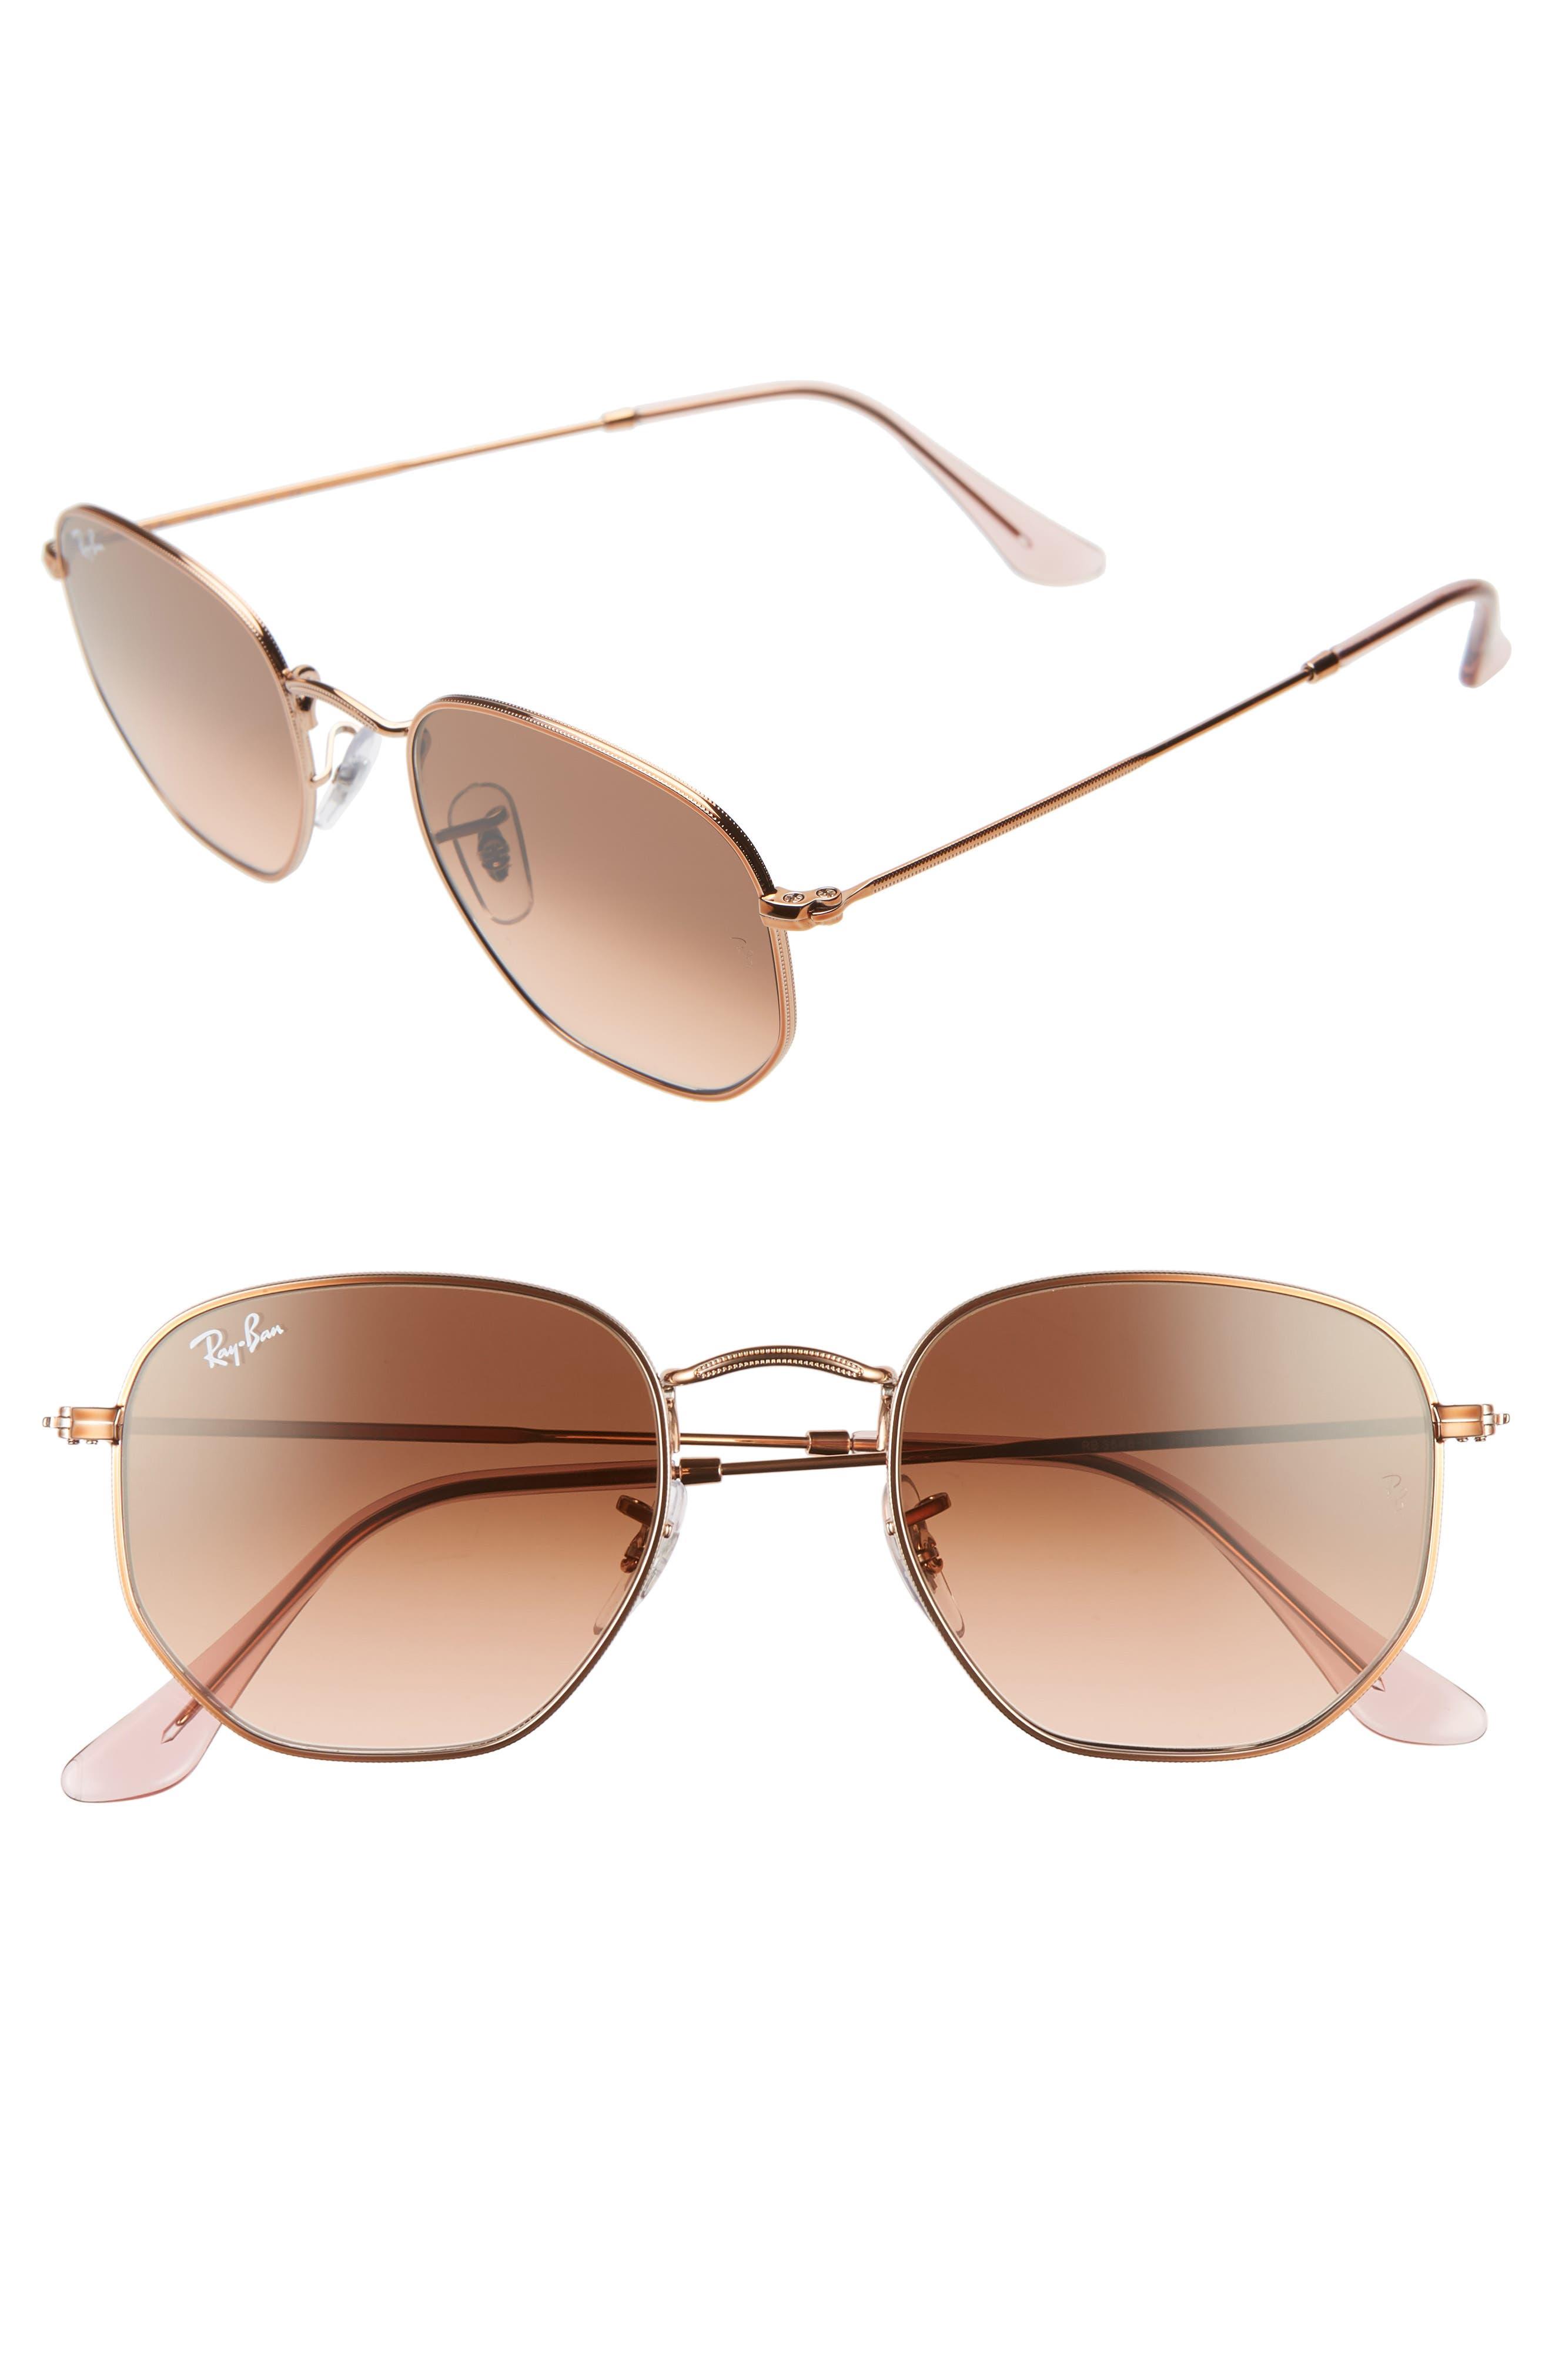 Ray-Ban 51Mm Aviator Sunglasses - Copper/ Copper Gradient